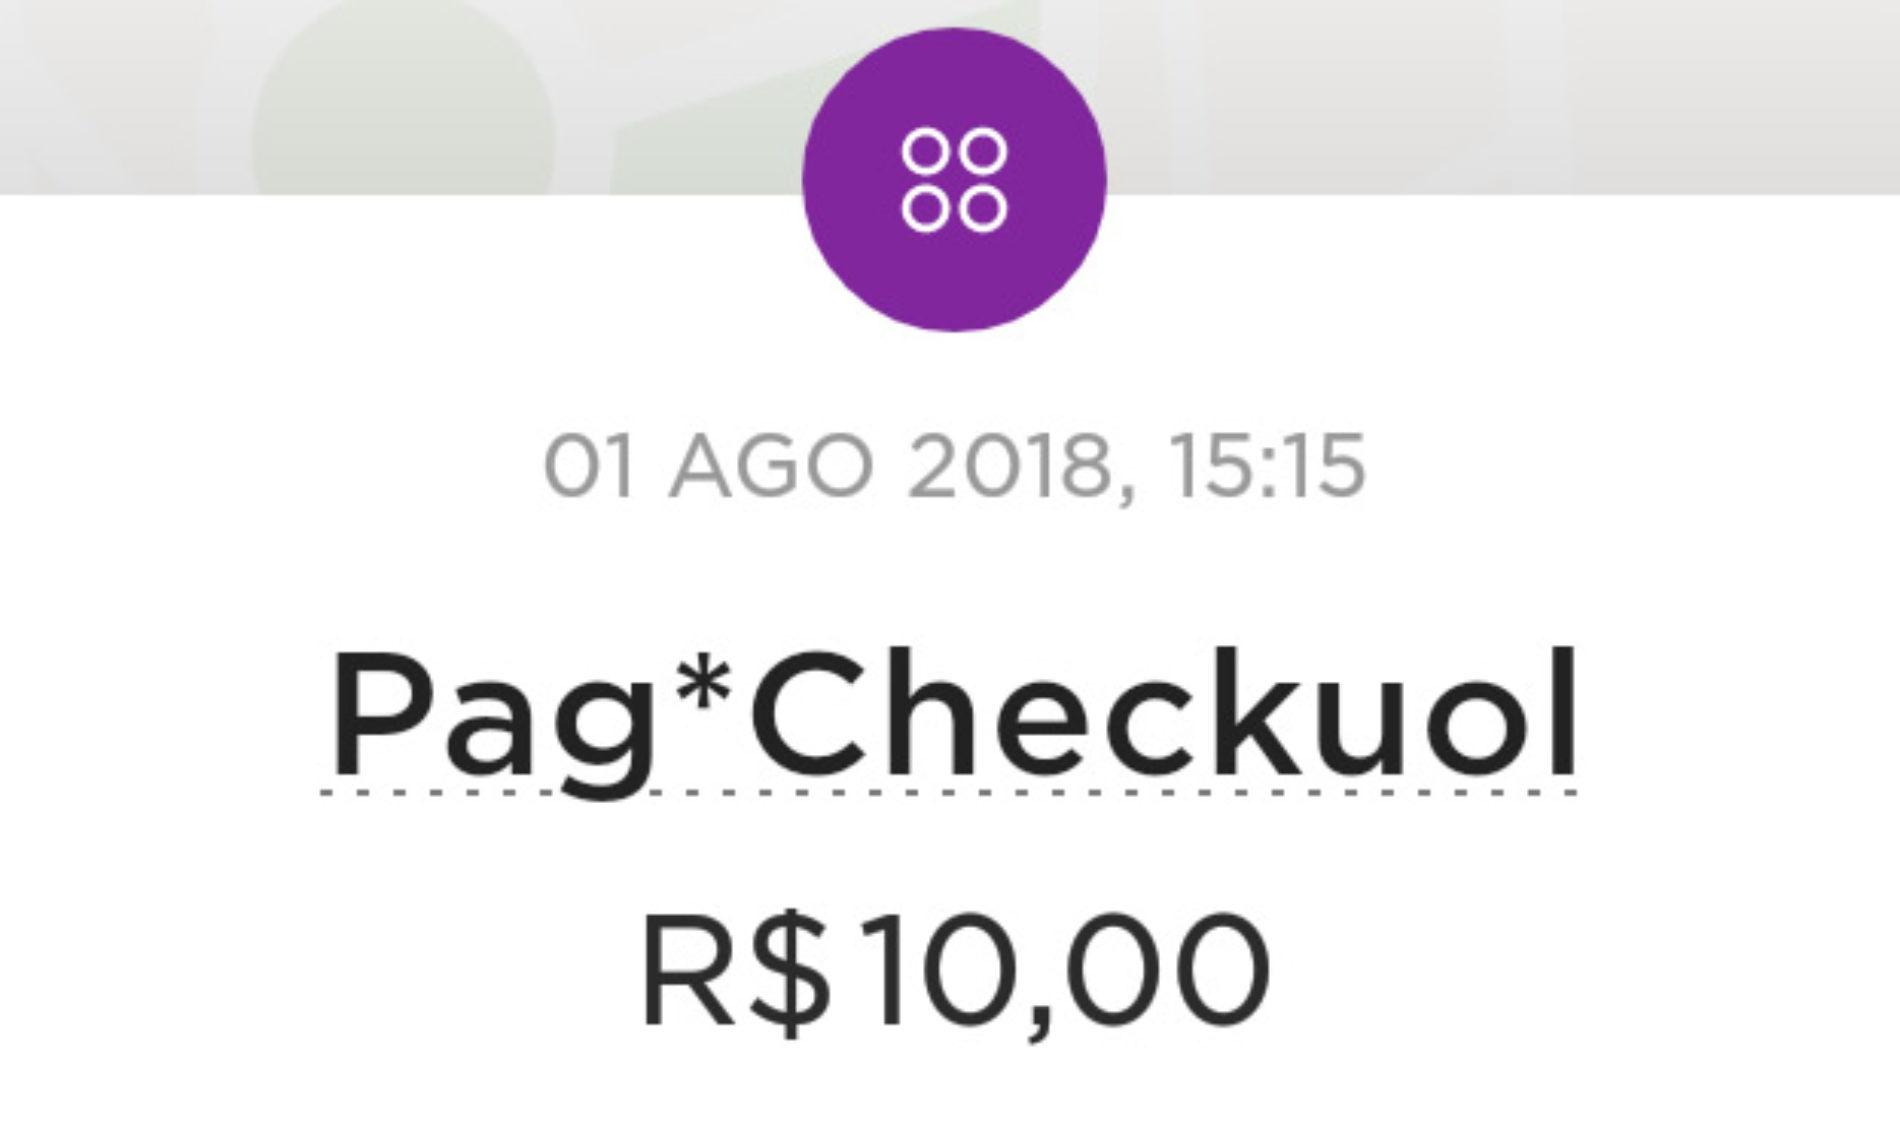 Pag*checkuol, o que é esta cobrança do UOL no cartão de crédito?